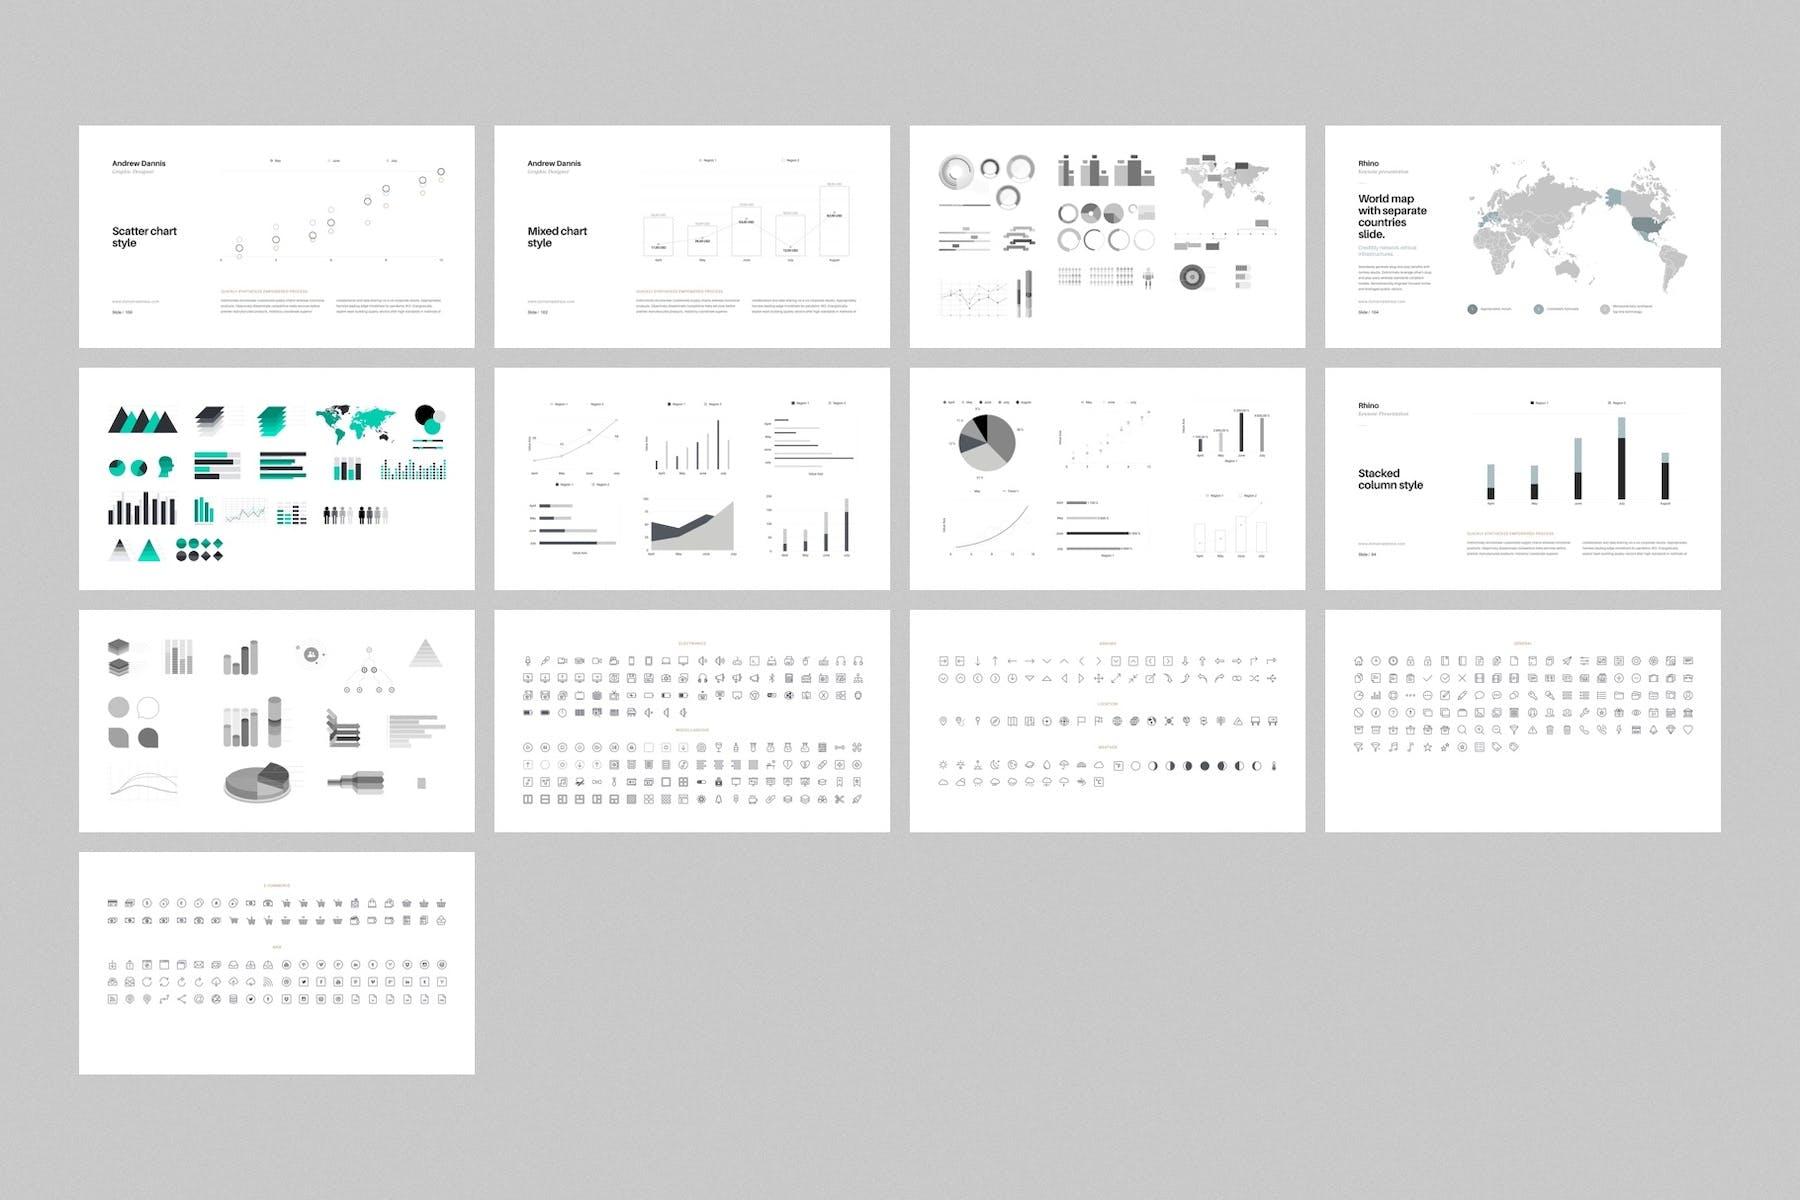 多用途极简风格PPT幻灯片模板下载Rhino Keynote Presentation Template插图(7)